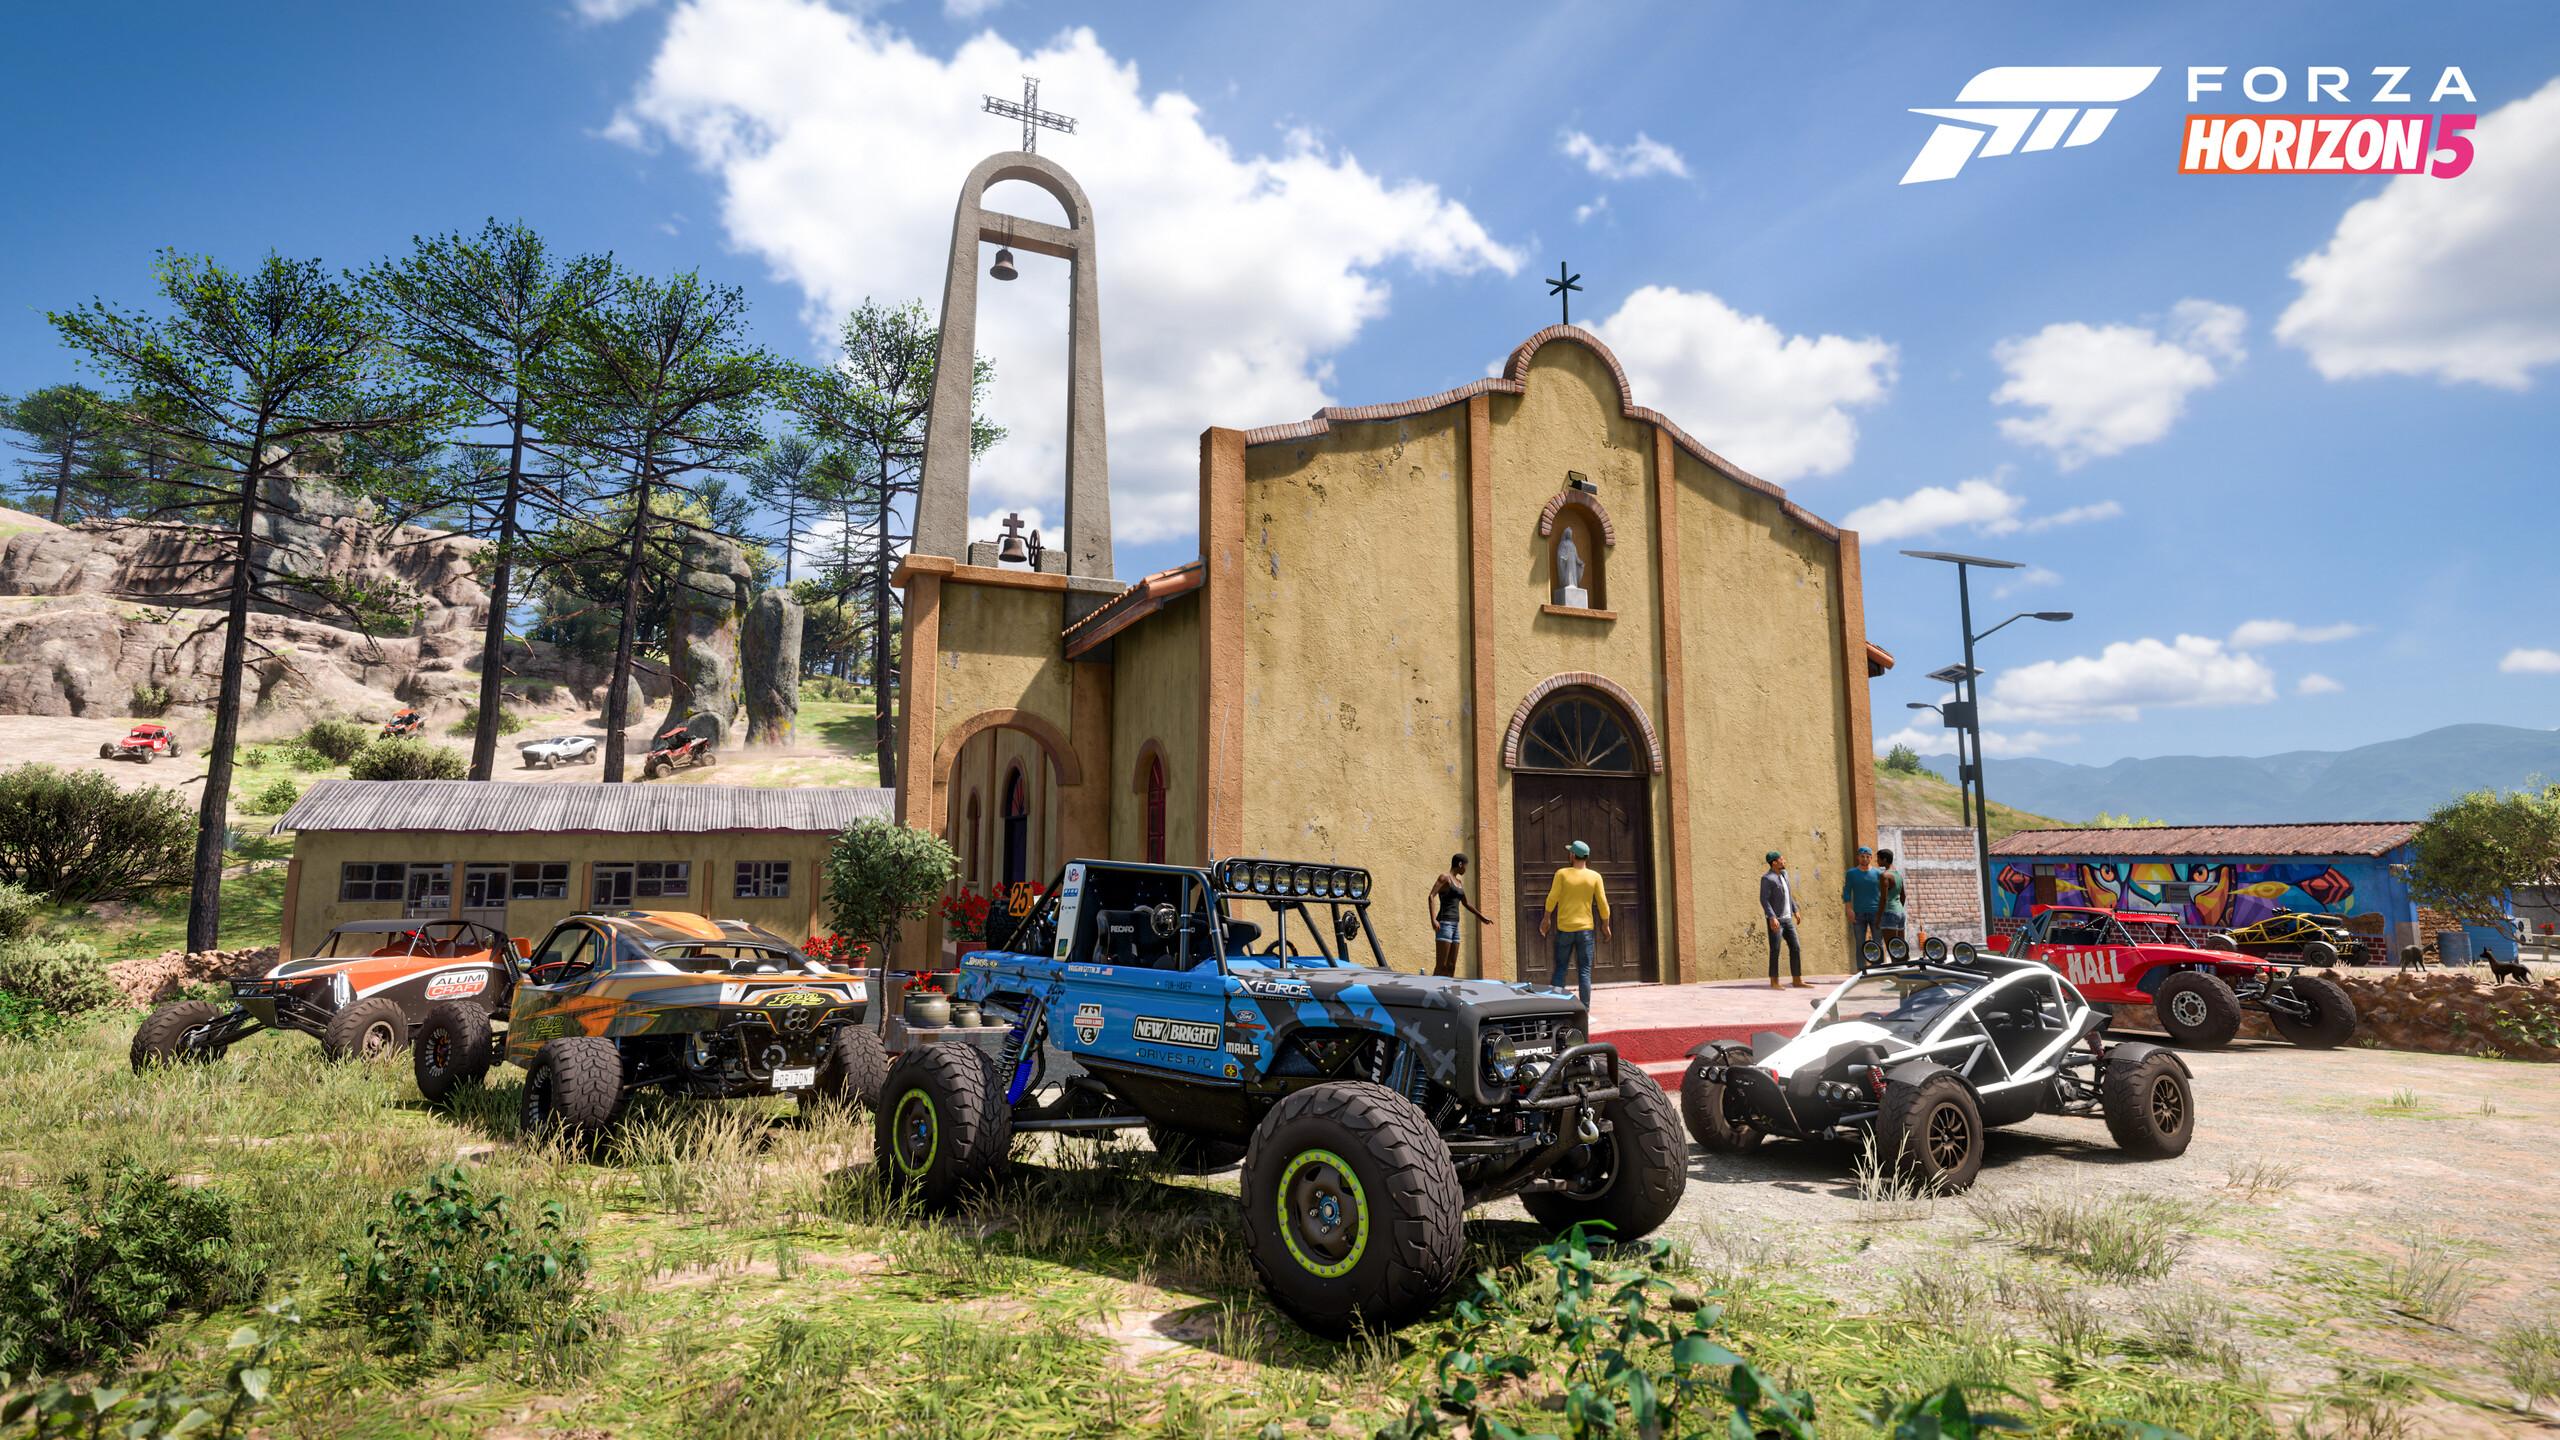 Foto de Forza Horizon 5: México (9/11)